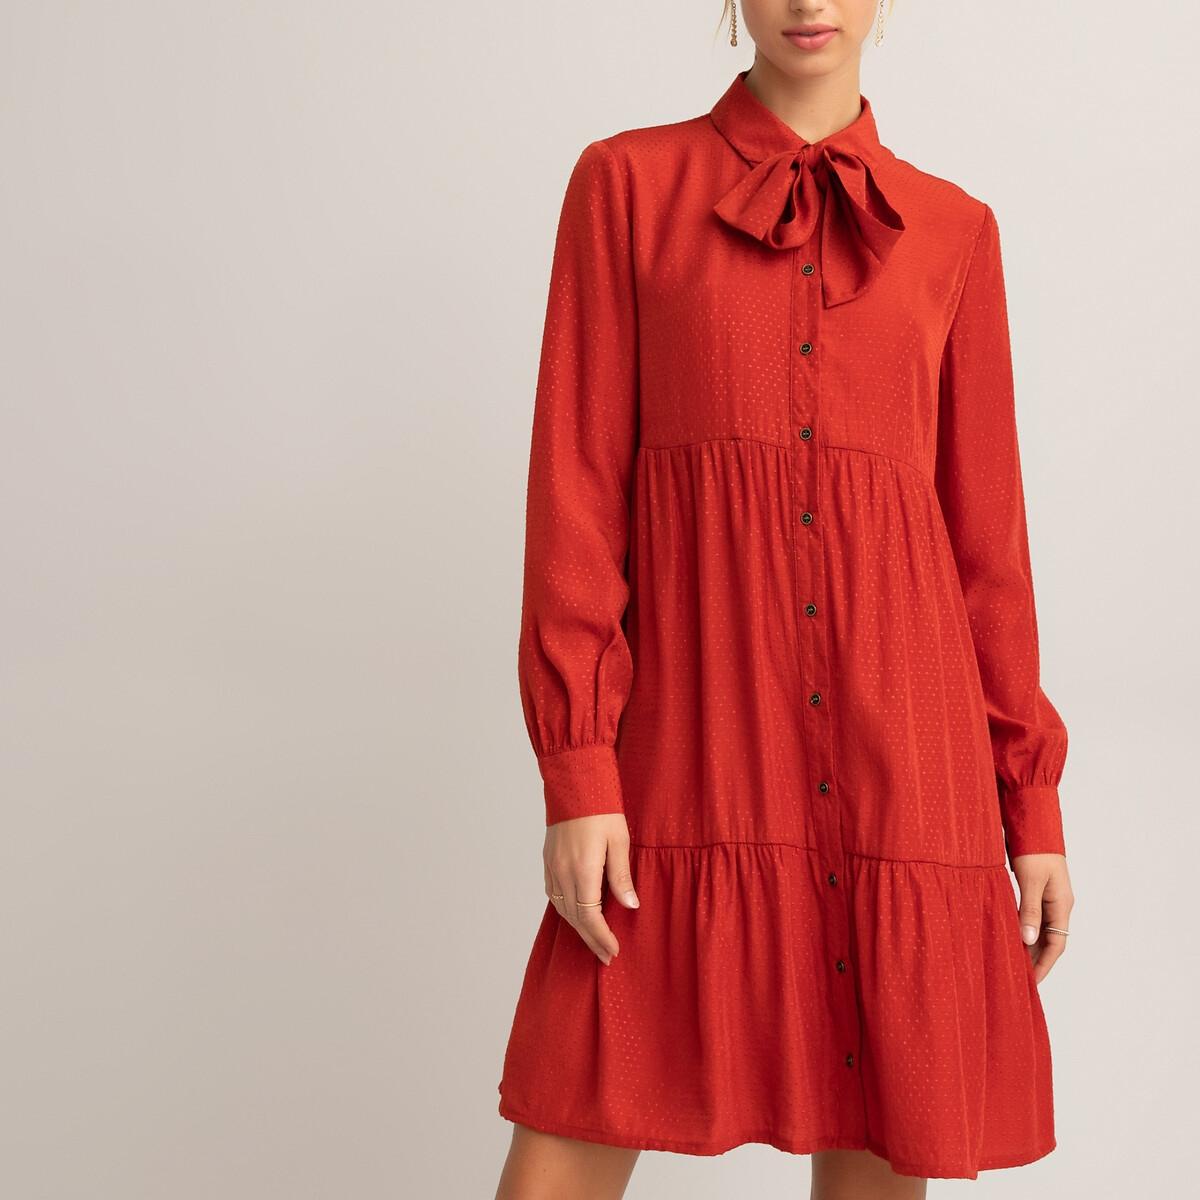 Платье LaRedoute Расклешенное короткое с длинными рукавами 44 (FR) - 50 (RUS) оранжевый платье la redoute расклешенное короткое с длинными рукавами 46 fr 52 rus синий